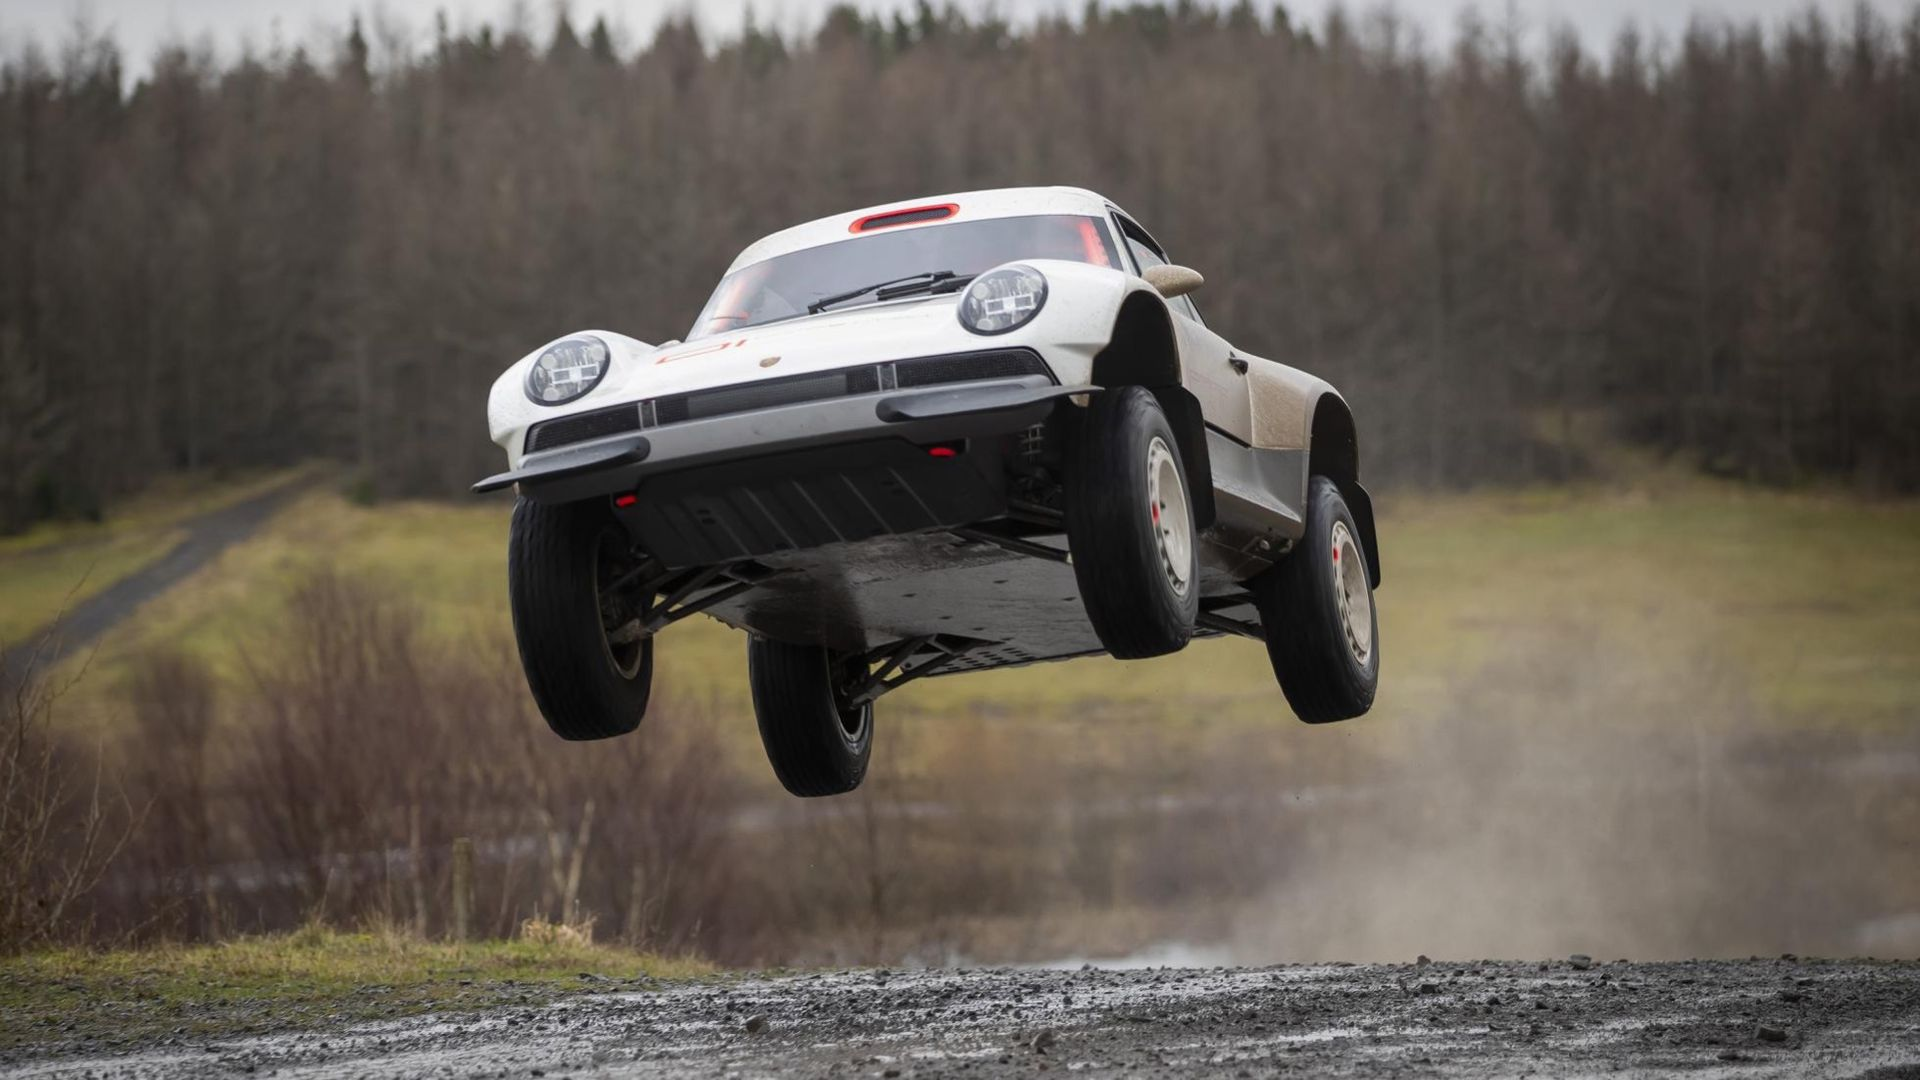 Singer har byggt en Porsche 911 som funkar bra offroad